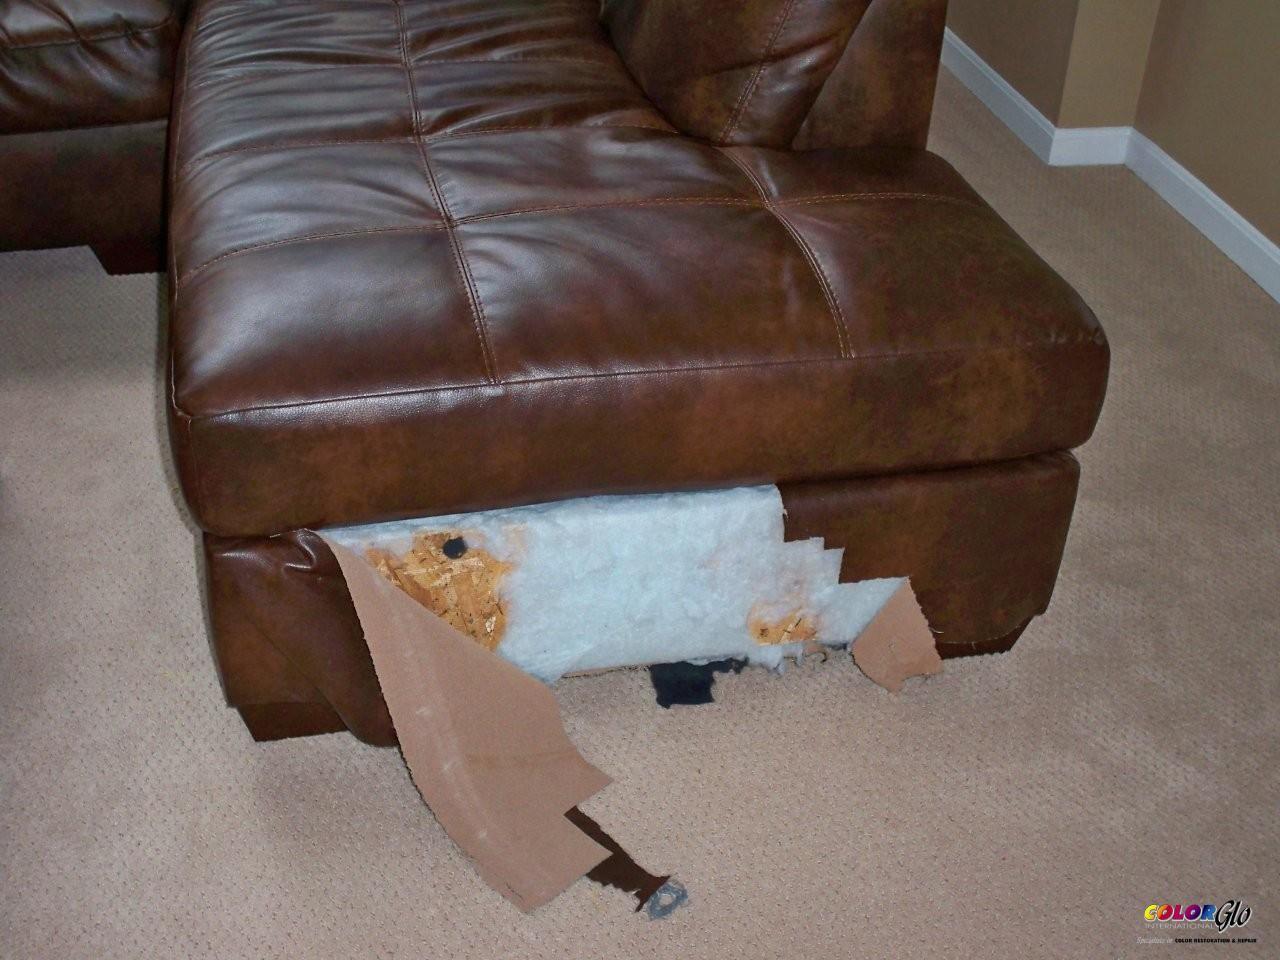 pet damage 2.jpg